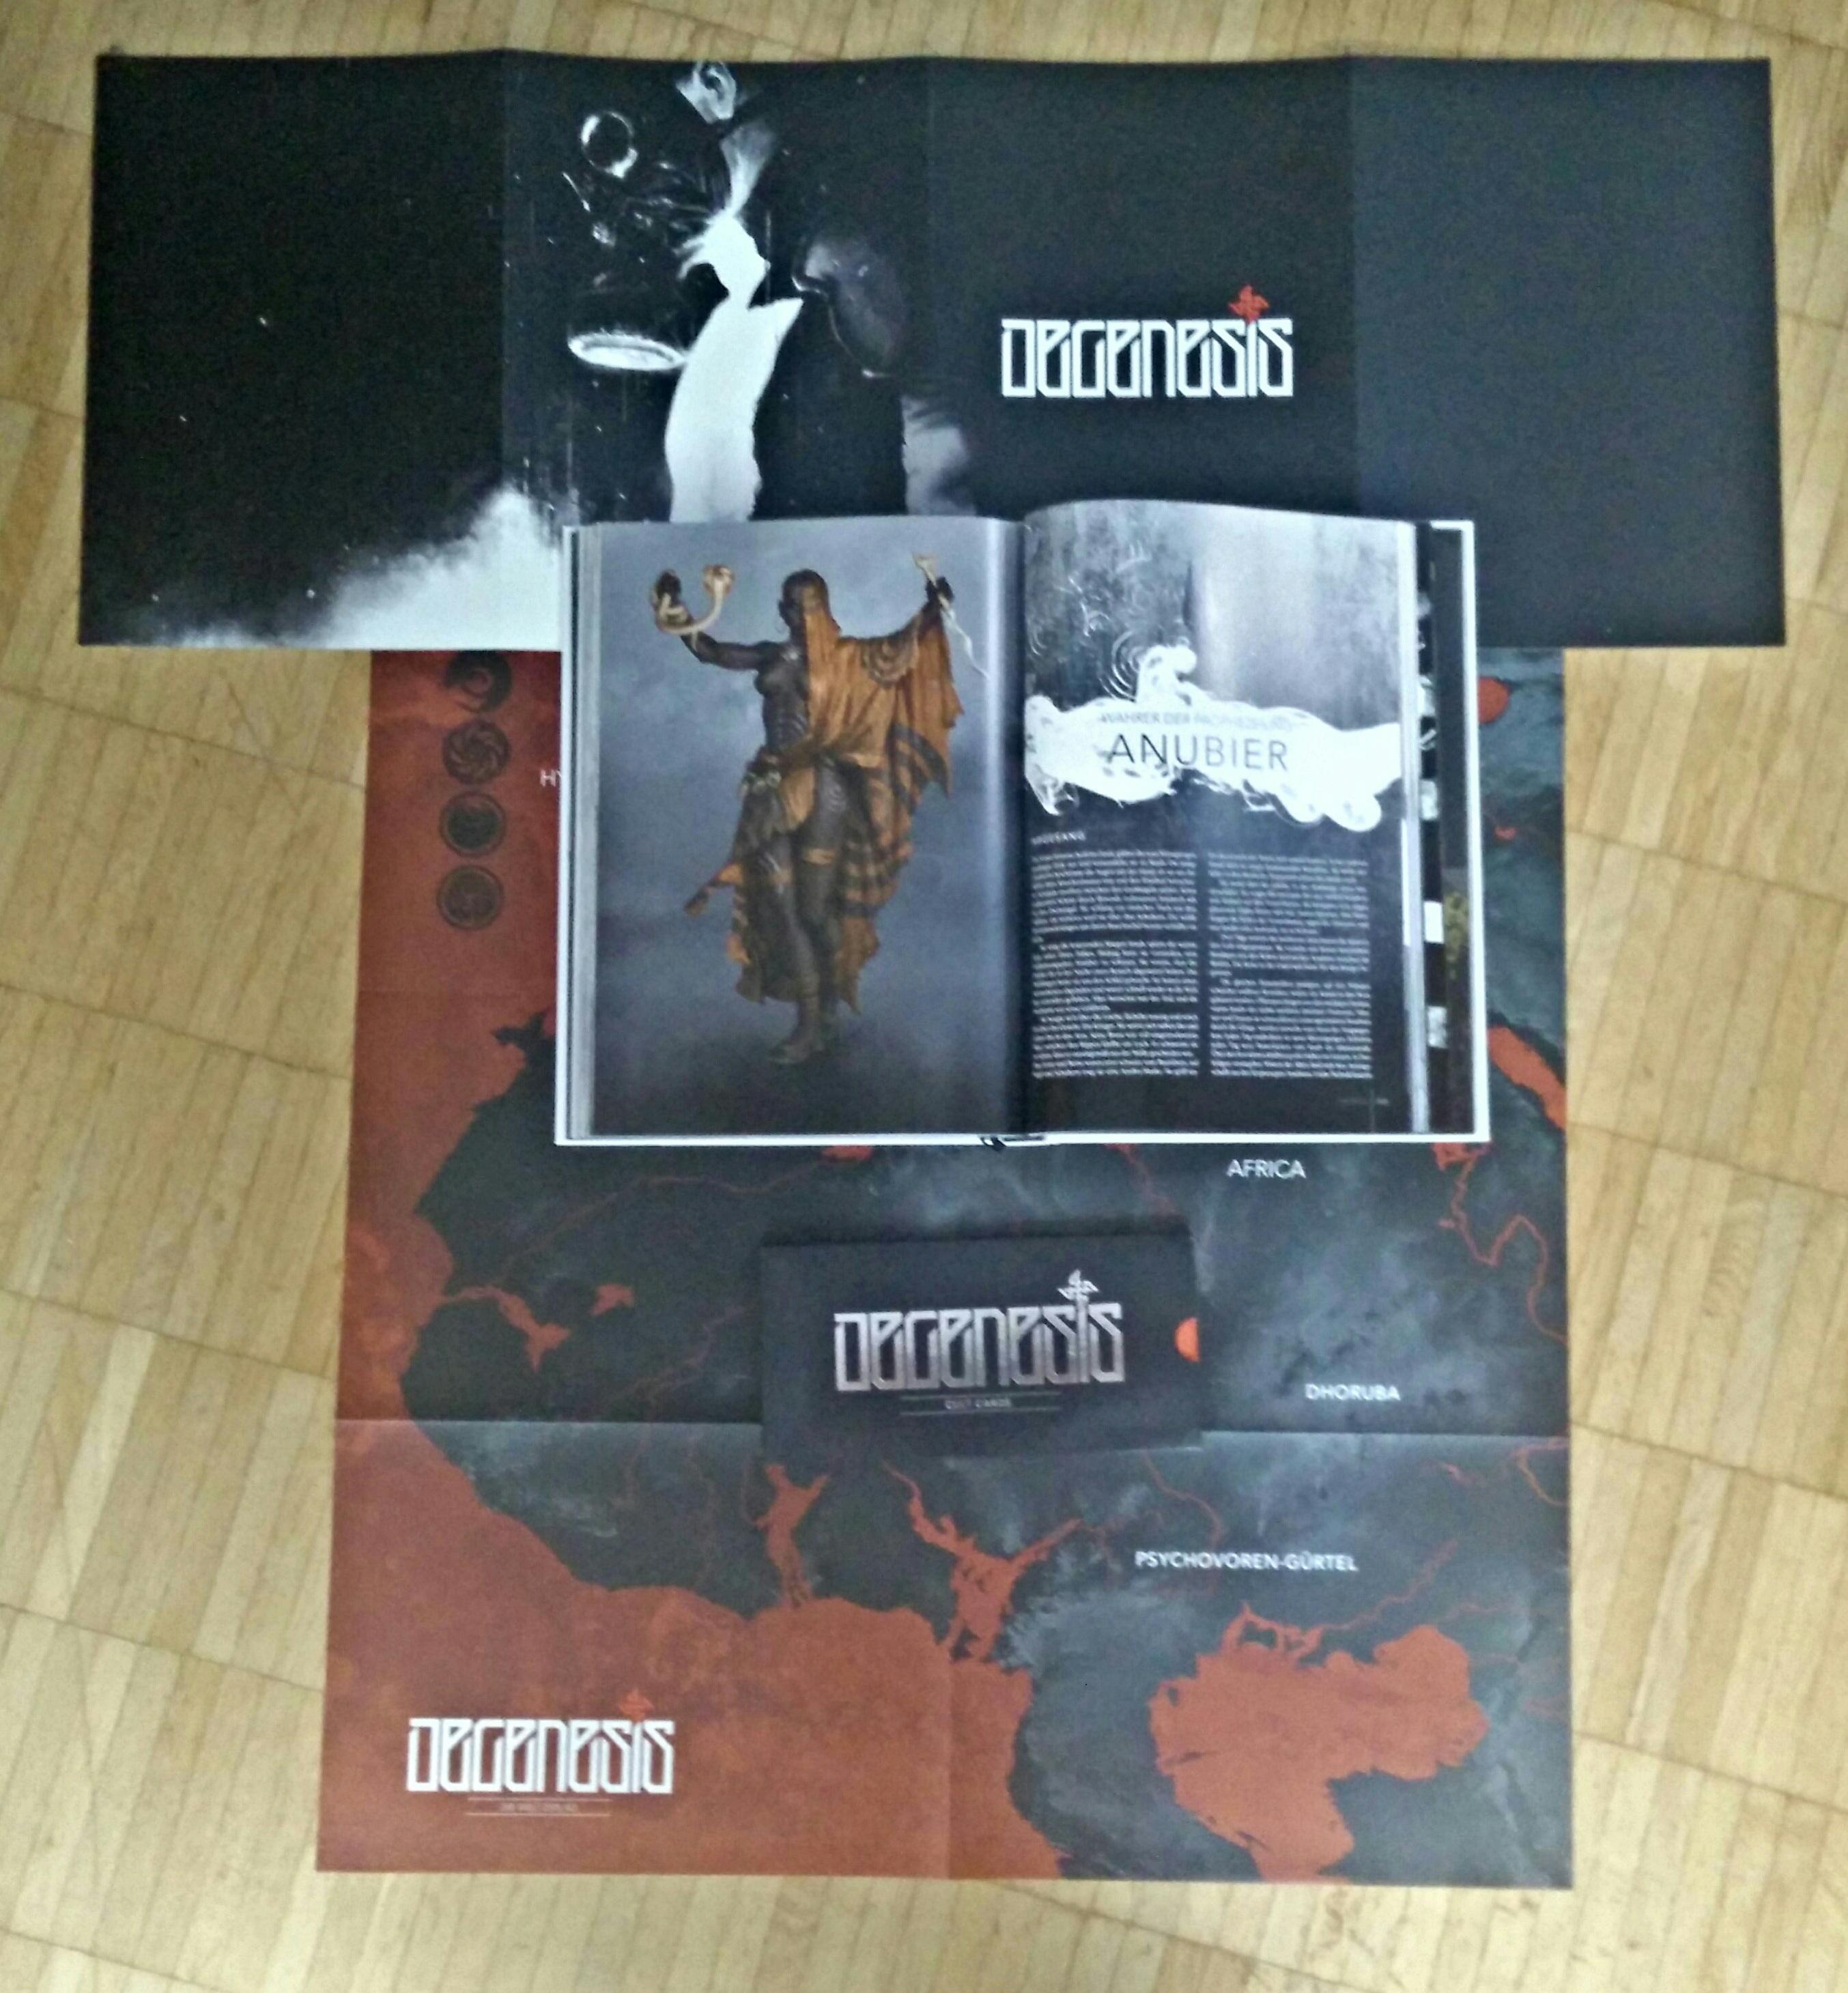 Degenesis: Rebirth Edition - Doppelseite aus Primal Punk, der Weltbeschreibung (Image: obskures.de)